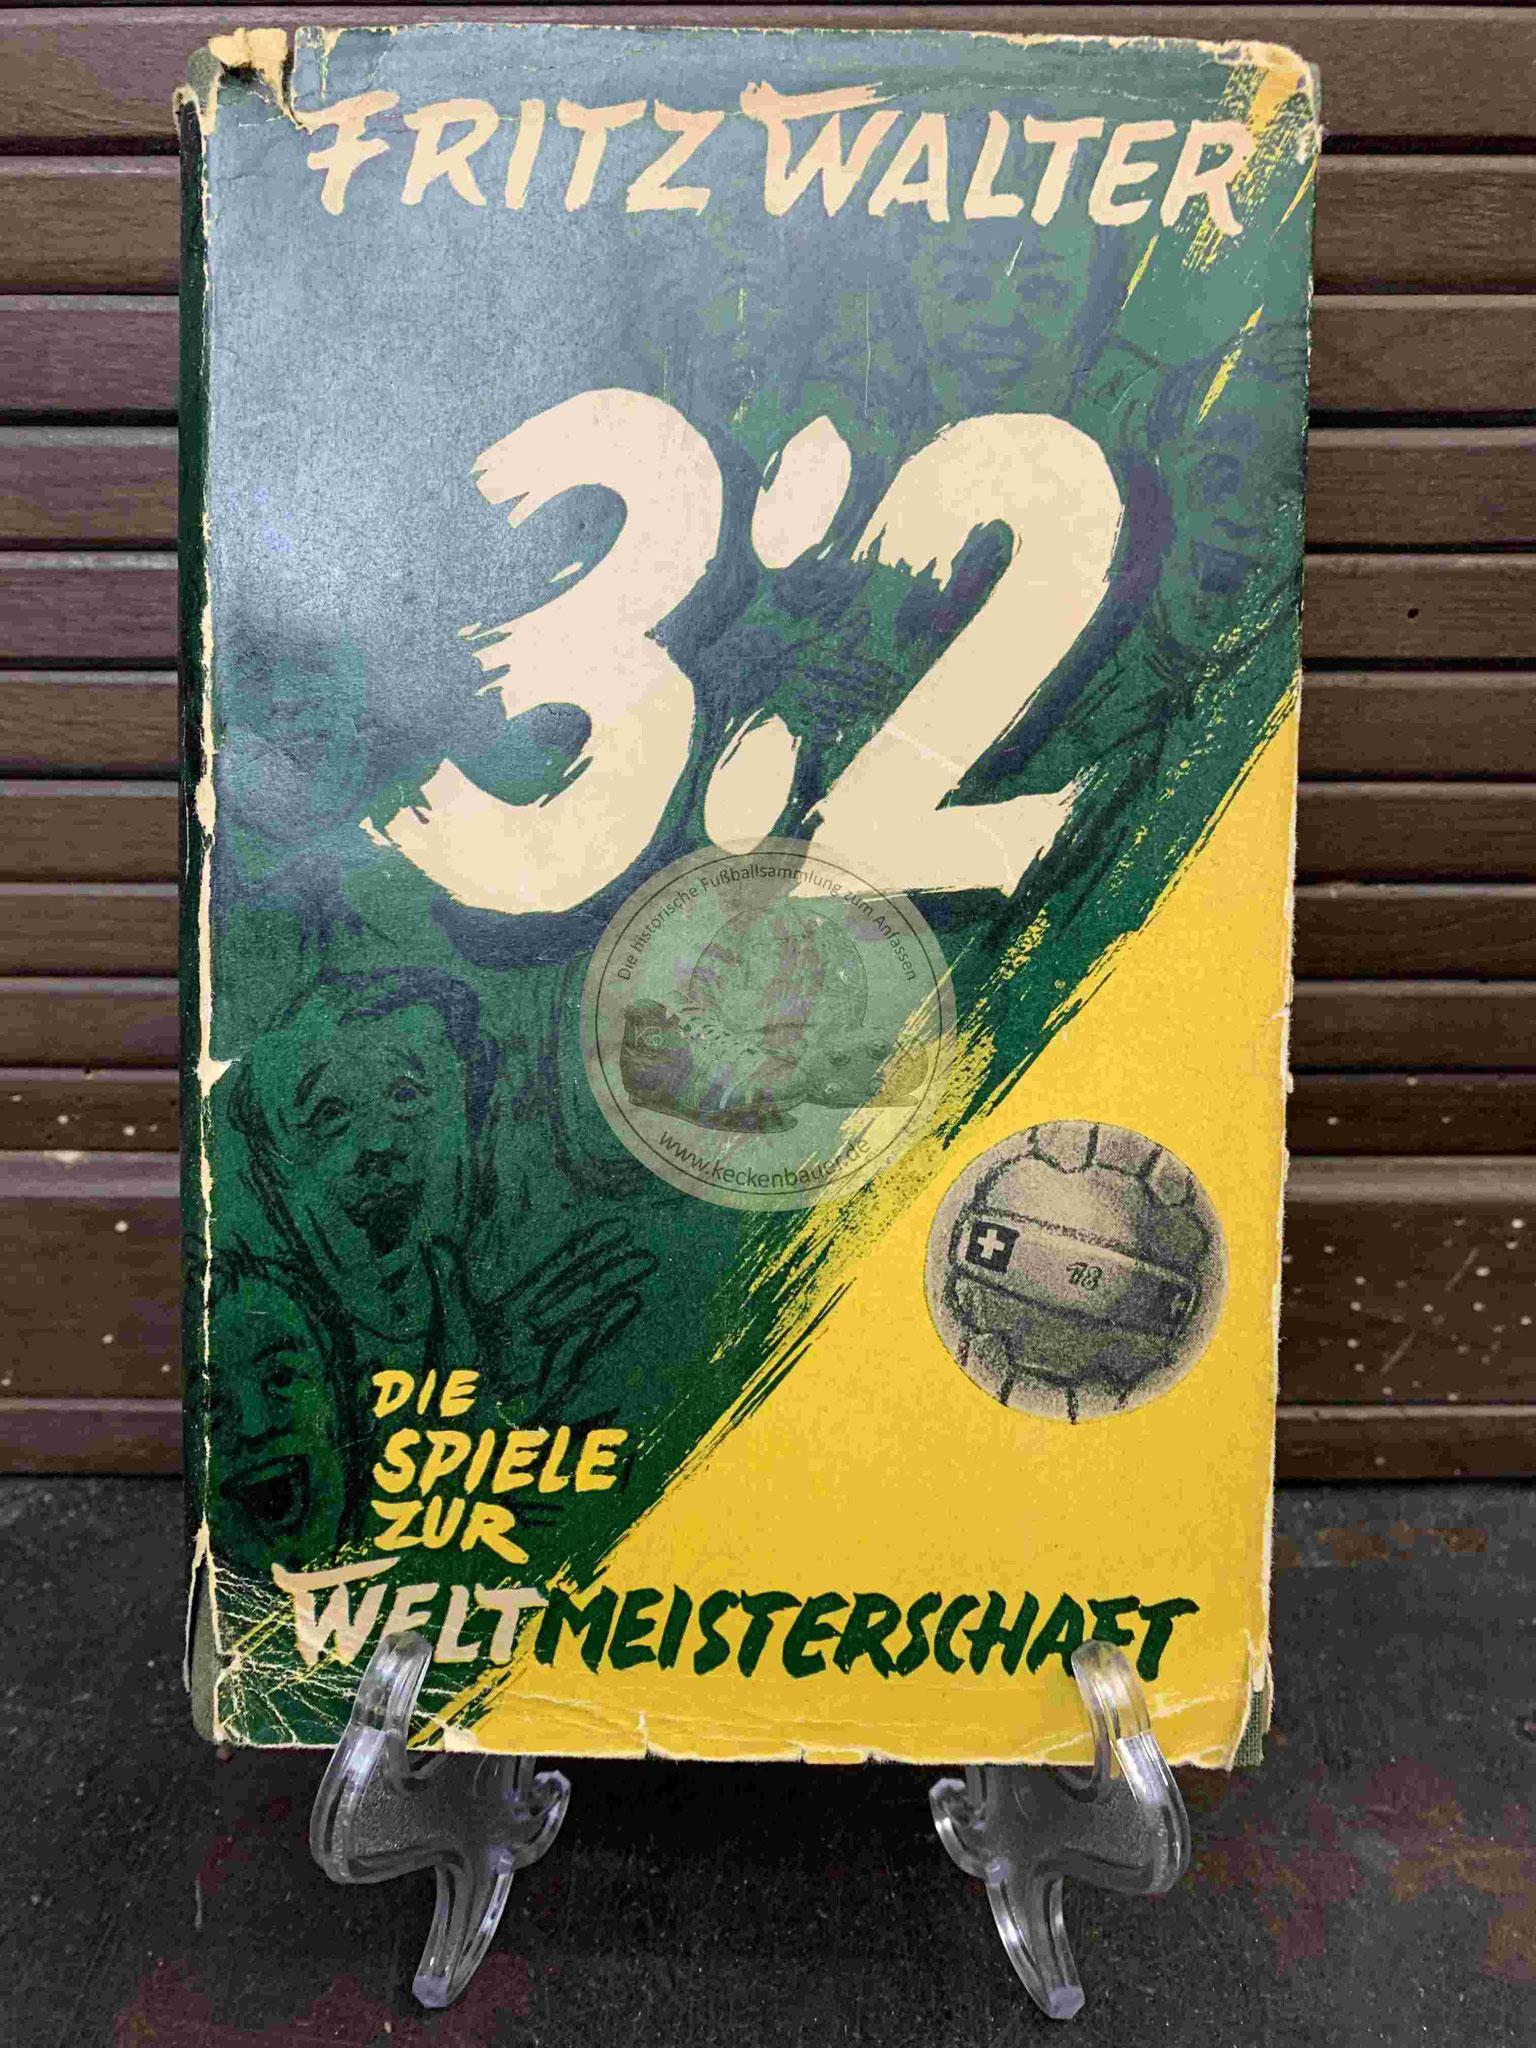 Fritz Walter Die Spiele zur Weltmeisterschaft aus dem Jahr 1954